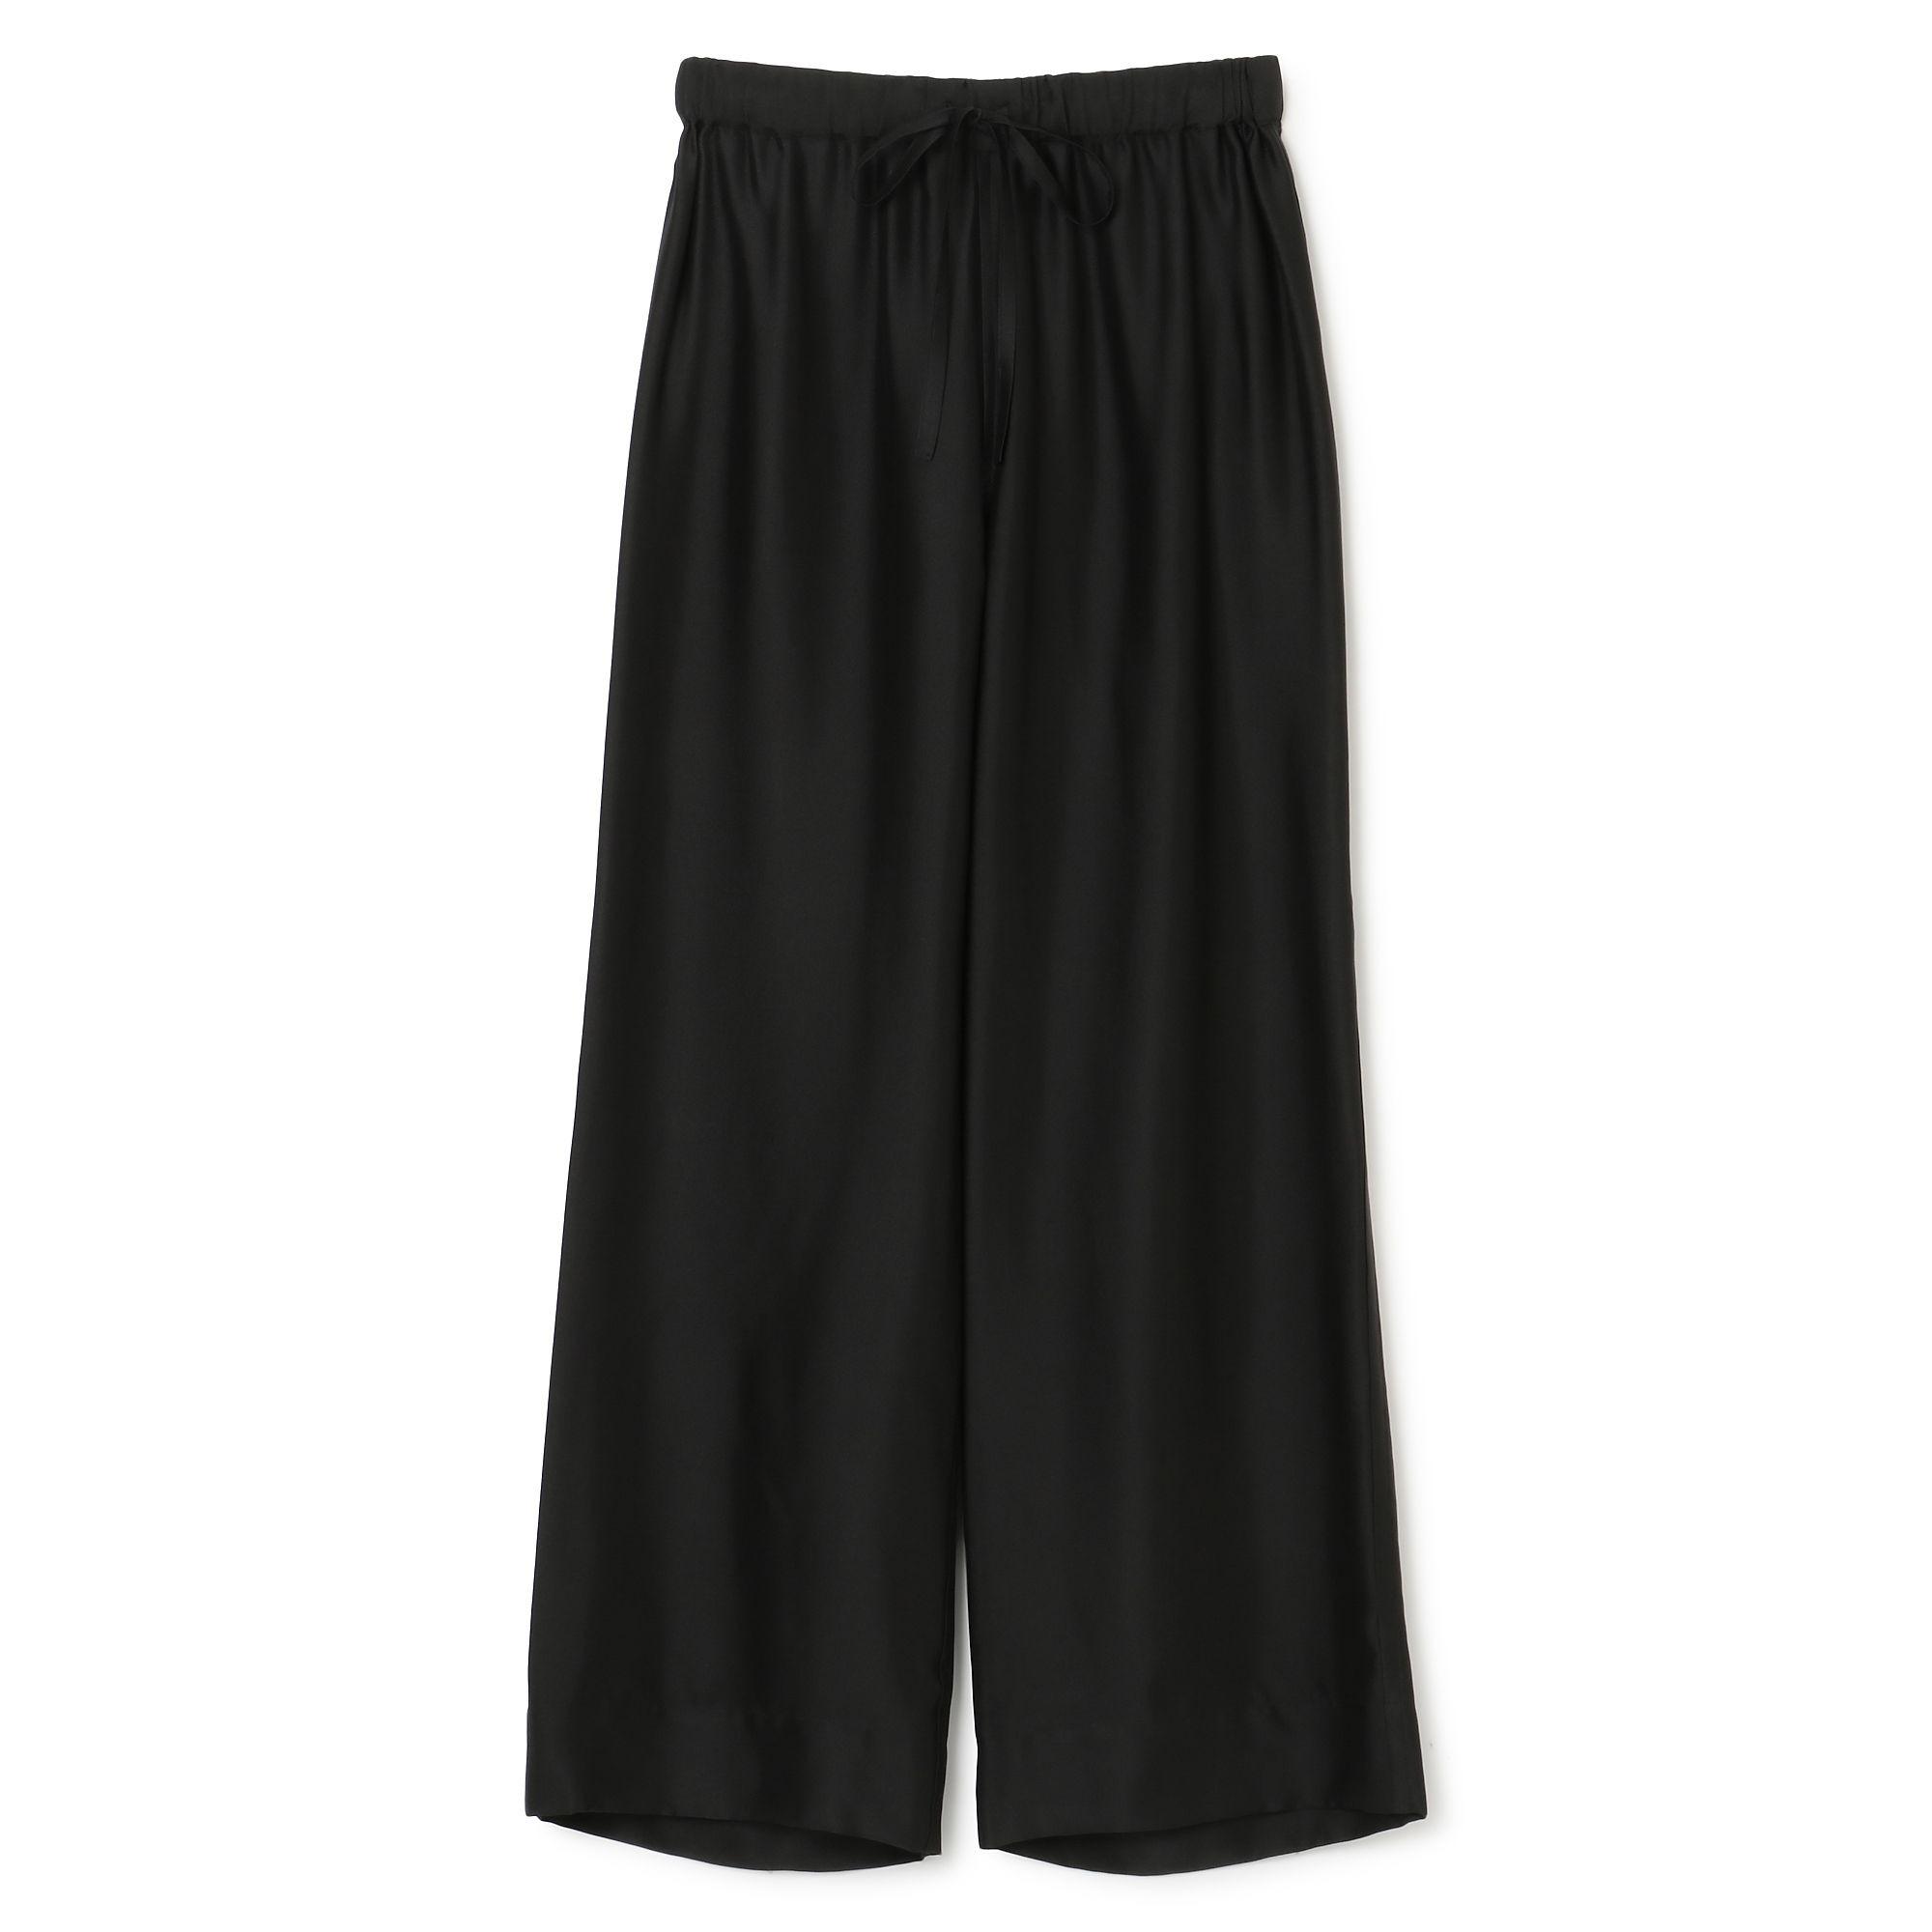 BLAMINK シルク インティメイト パンツ ¥42,900